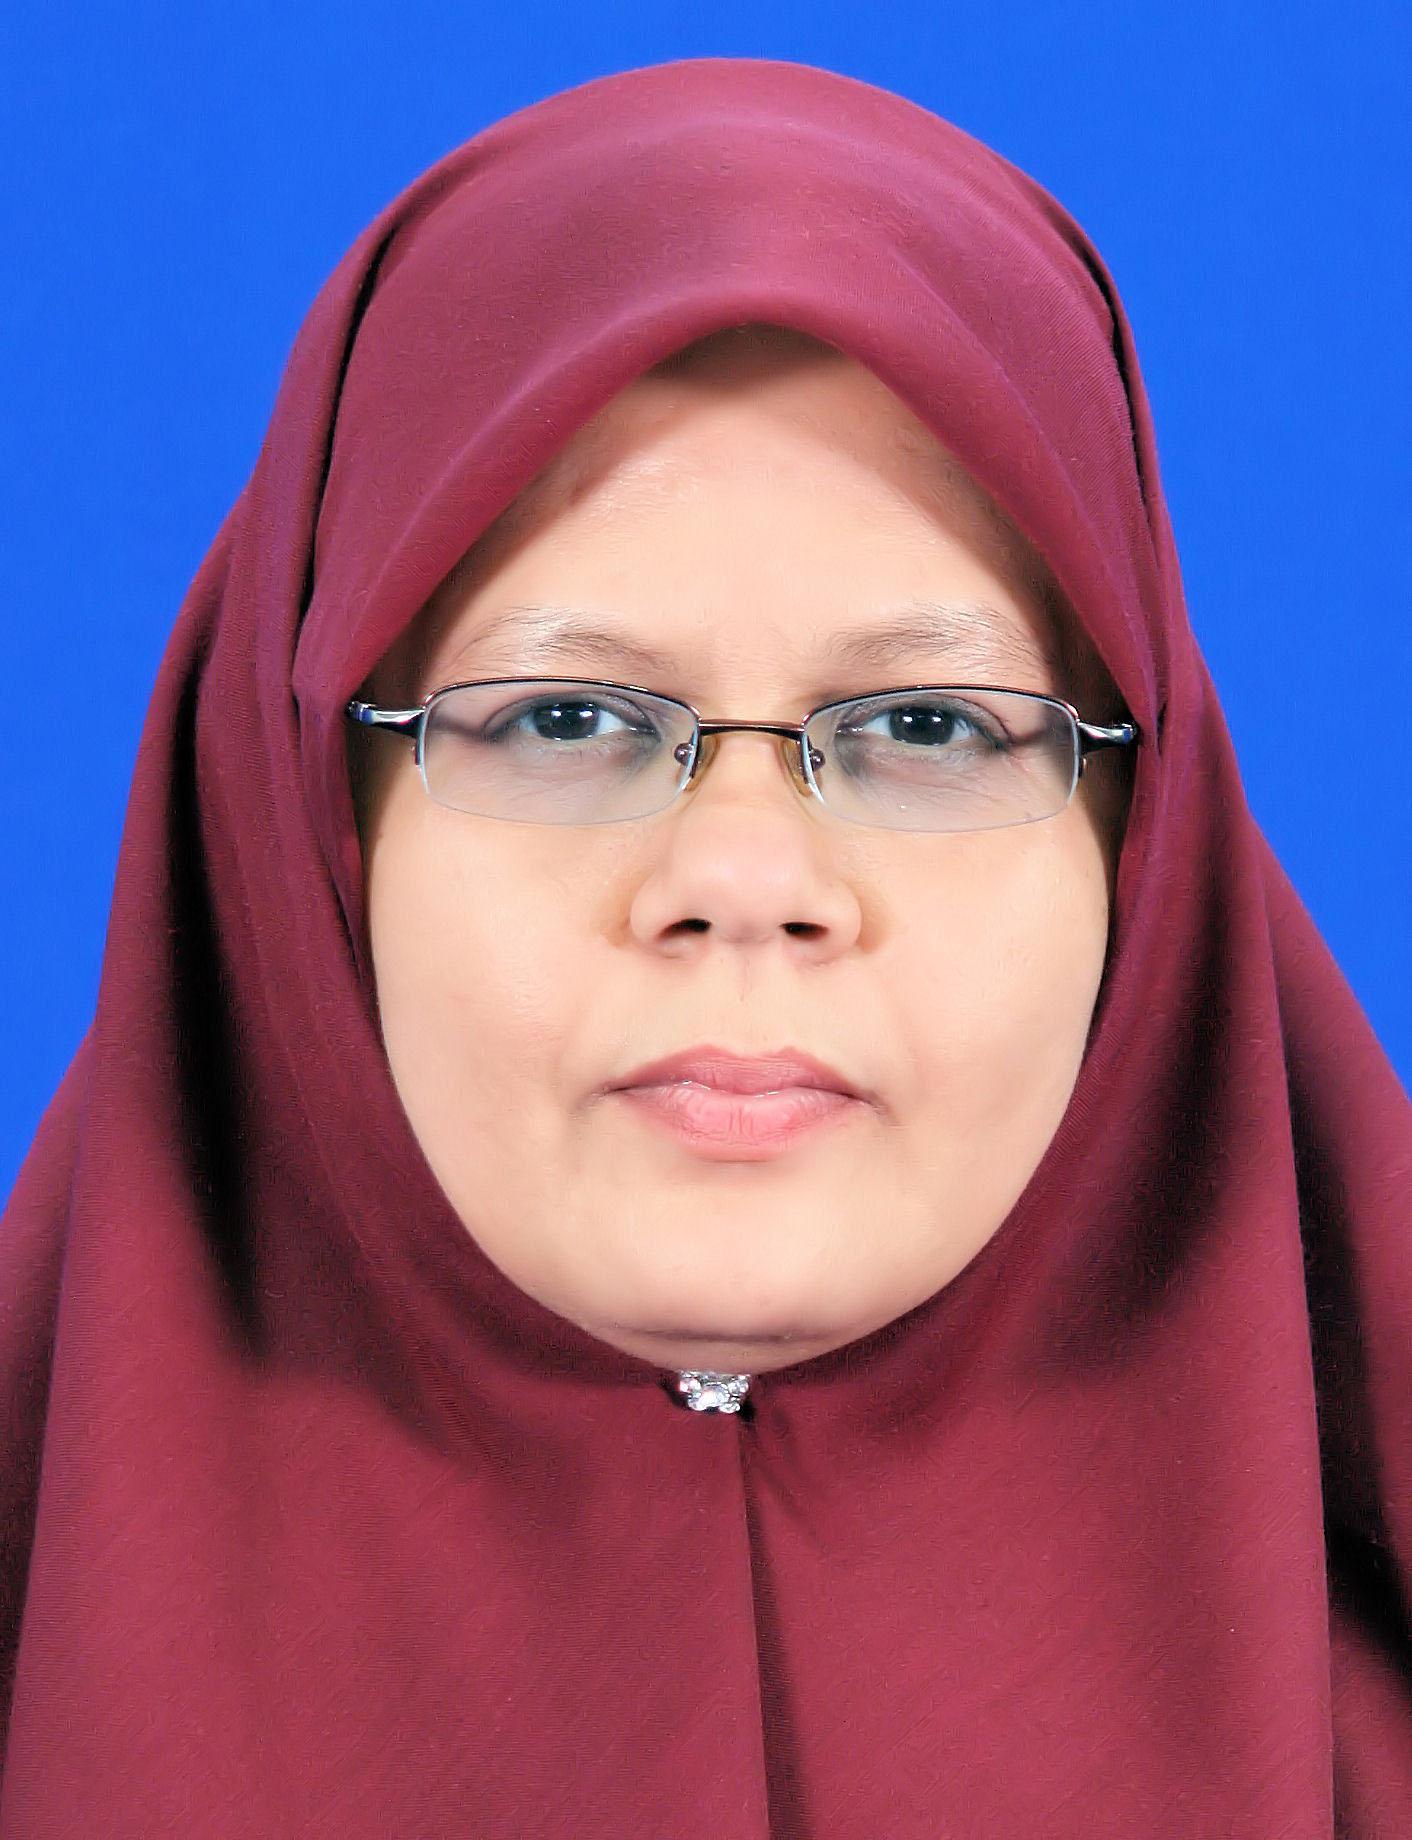 Mrs. Siti Faridah Bte Shikh A Rahman